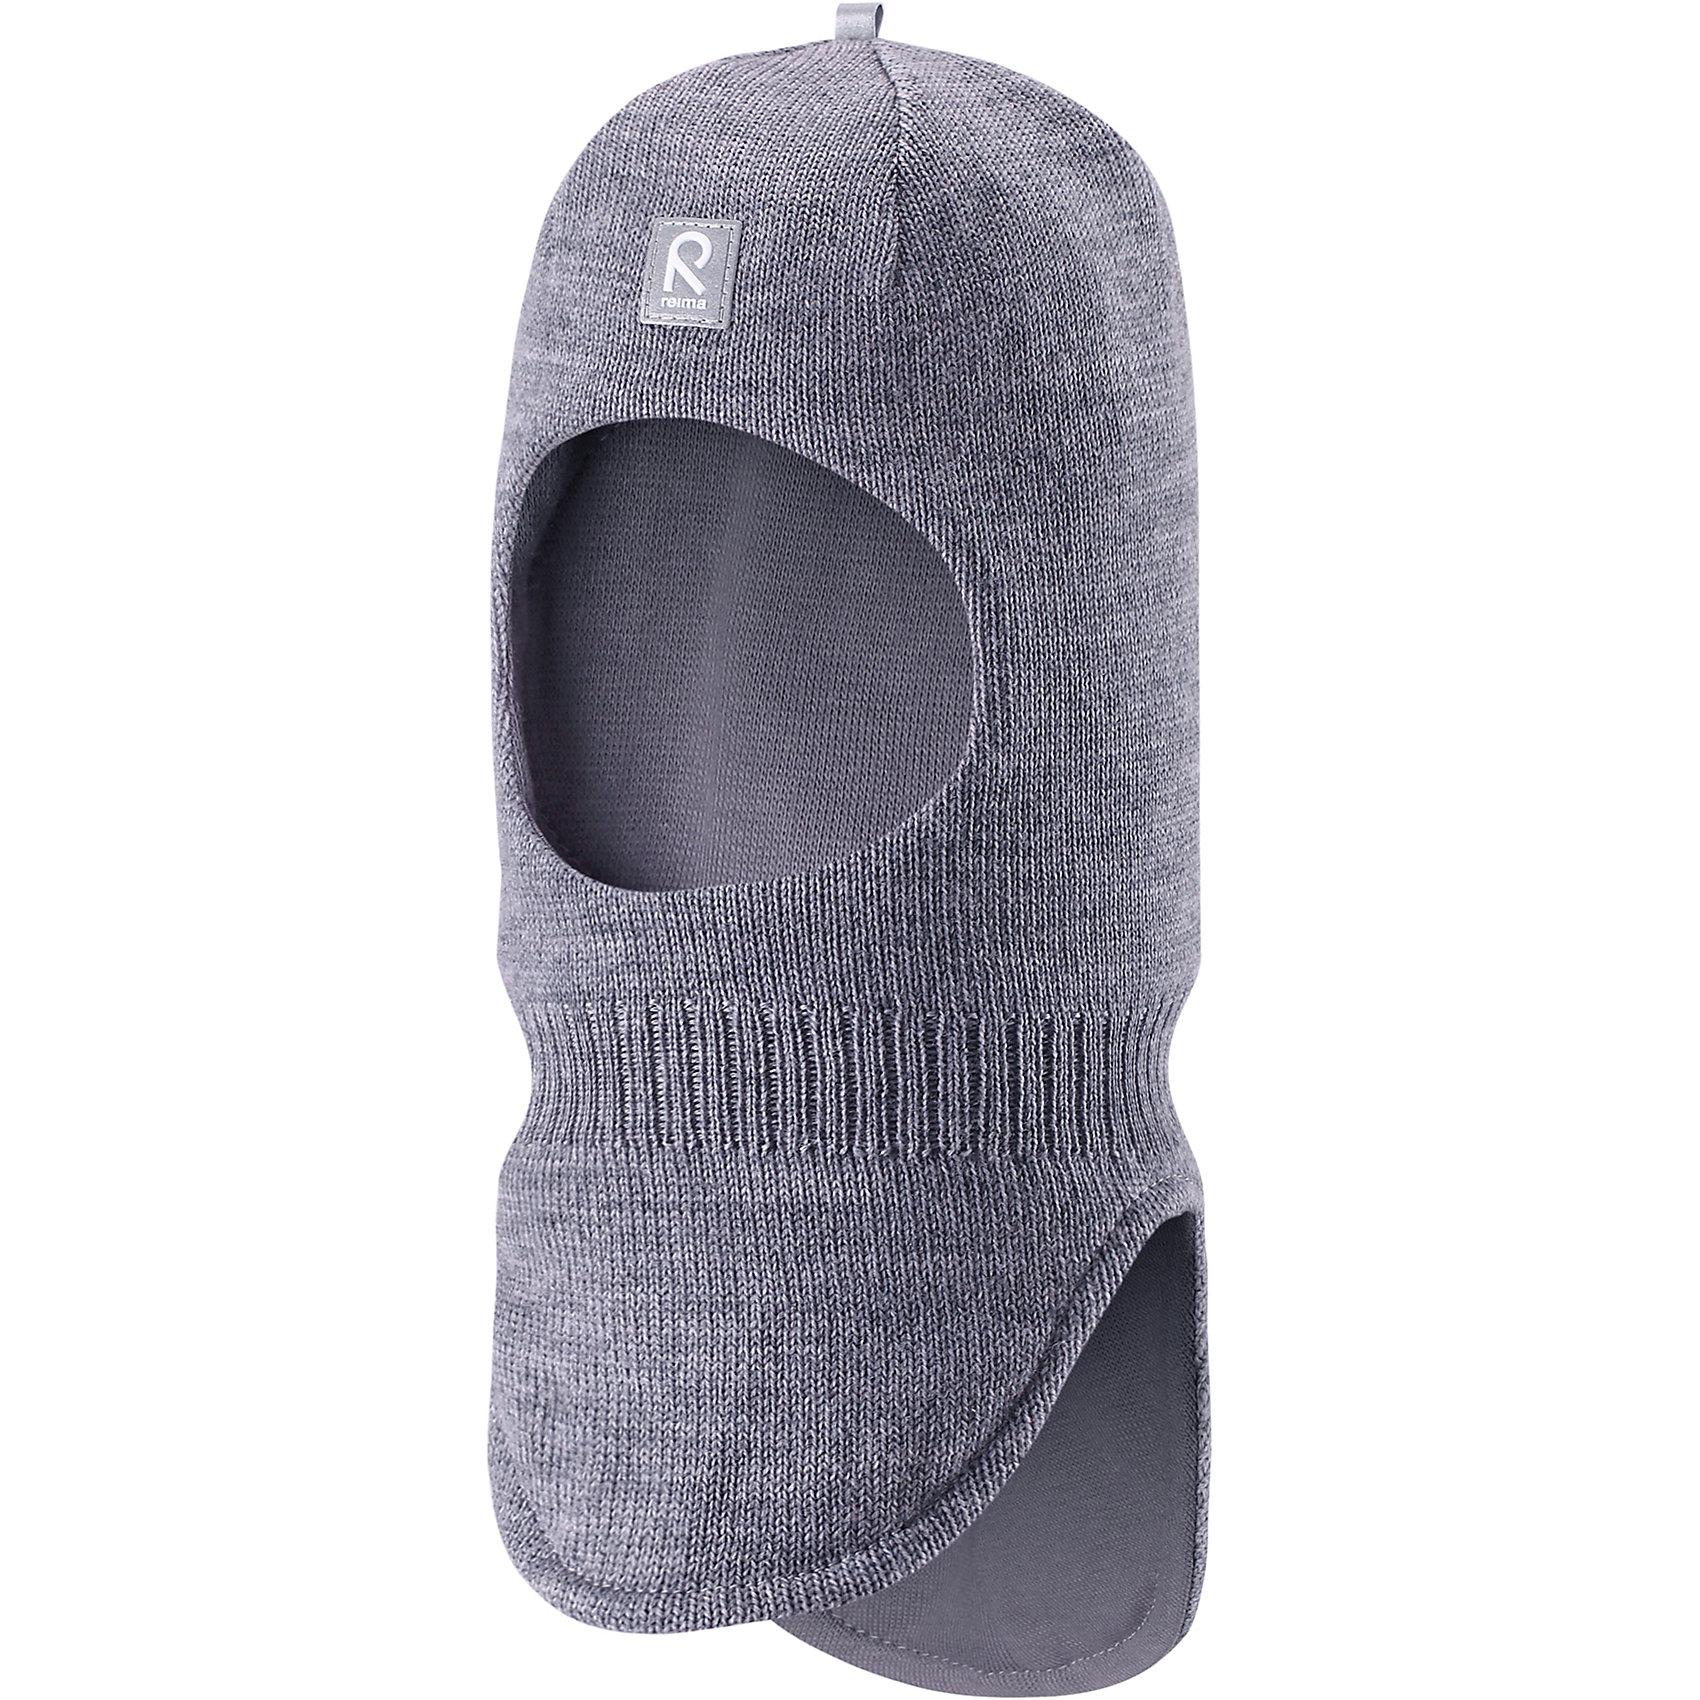 Шапка-шлем Starrie ReimaШапка  Reima<br>Шапка-шлем для малышей. Мягкая ткань из мериносовой шерсти для поддержания идеальной температуры тела. Теплая шерстяная вязка (волокно). Товар сертифицирован Oeko-Tex, класс 1, одежда для малышей. Ветронепроницаемые вставки в области ушей. Мягкая подкладка из хлопка и эластана. Светоотражающий элемент спереди.<br>Уход:<br>Стирать по отдельности, вывернув наизнанку. Придать первоначальную форму вo влажном виде. Возможна усадка 5 %.<br>Состав:<br>100% Шерсть<br><br>Ширина мм: 89<br>Глубина мм: 117<br>Высота мм: 44<br>Вес г: 155<br>Цвет: серый<br>Возраст от месяцев: 6<br>Возраст до месяцев: 9<br>Пол: Мужской<br>Возраст: Детский<br>Размер: 46,50,54,52,48<br>SKU: 4775696